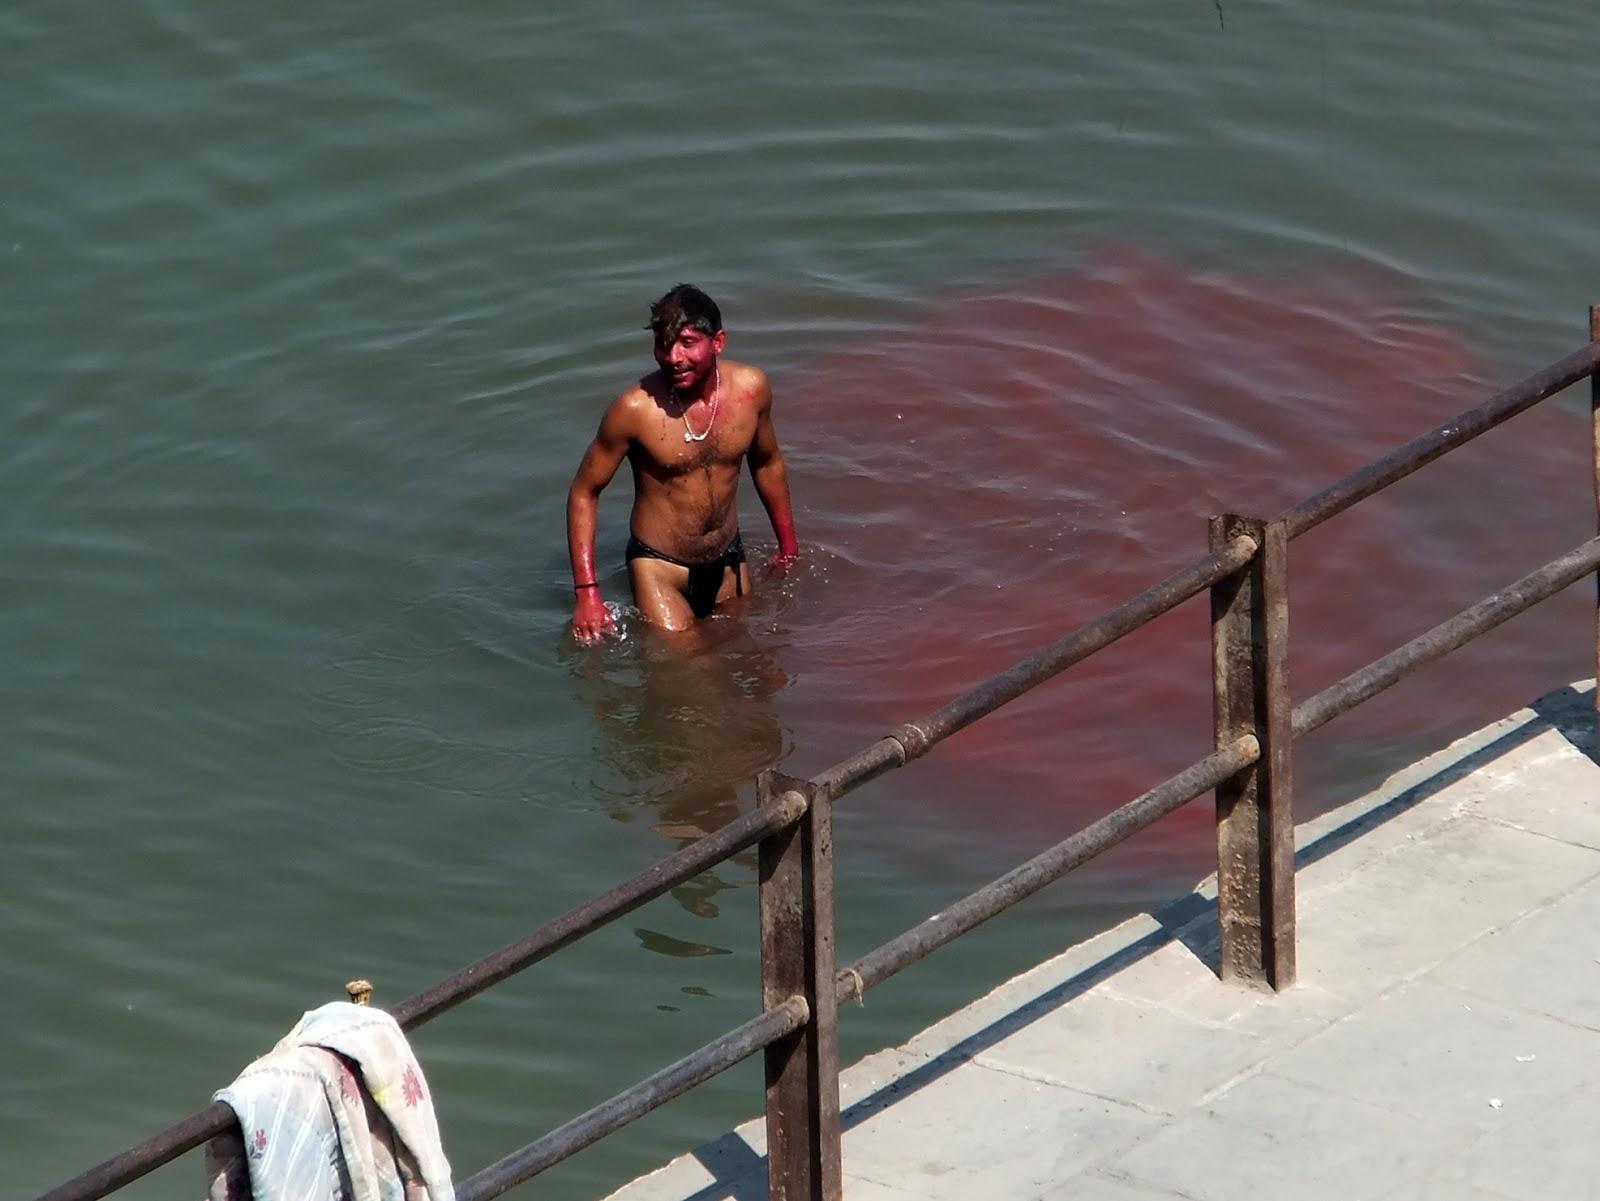 парень в Ганге смывает с себя краску после холи, окрашивая воду вокруг